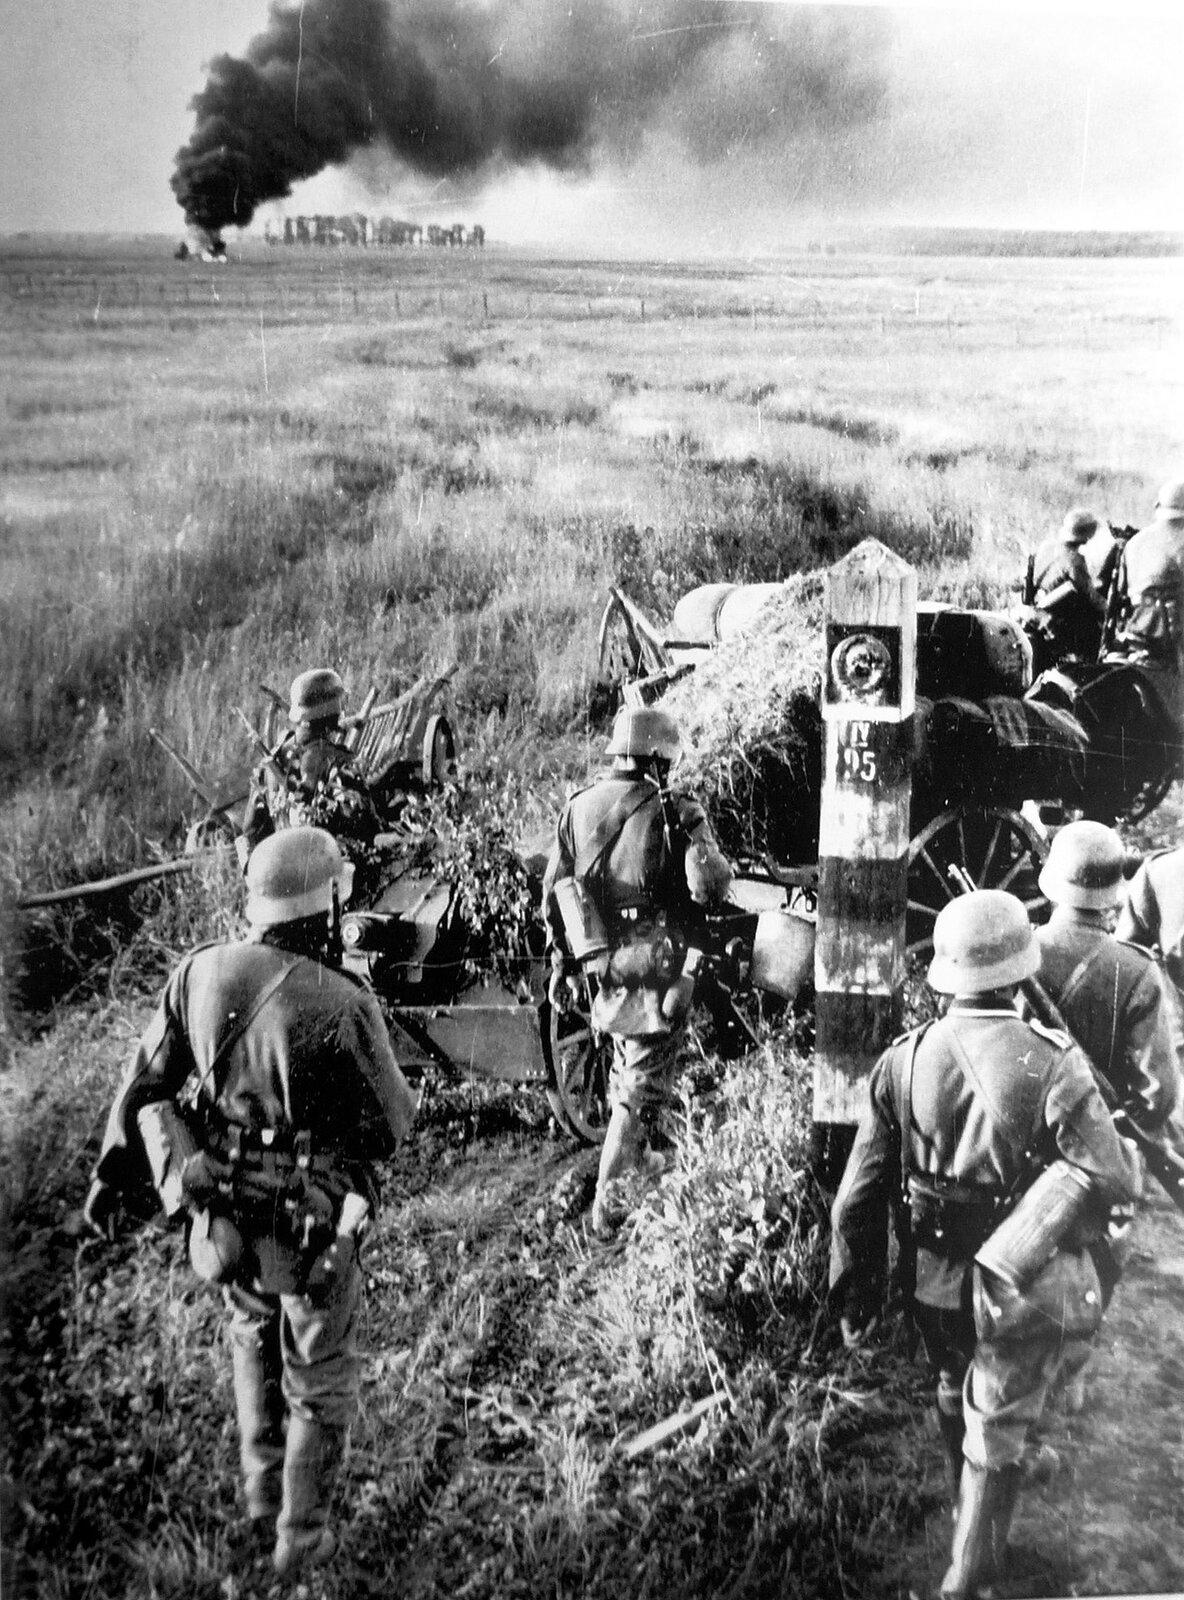 Niemieccy żołnierze przekraczają granicę Związku Radzieckiego Zdjęcie nr 1 Źródło: Johannes Hähle, Niemieccy żołnierze przekraczają granicę Związku Radzieckiego, licencja: CC 0.